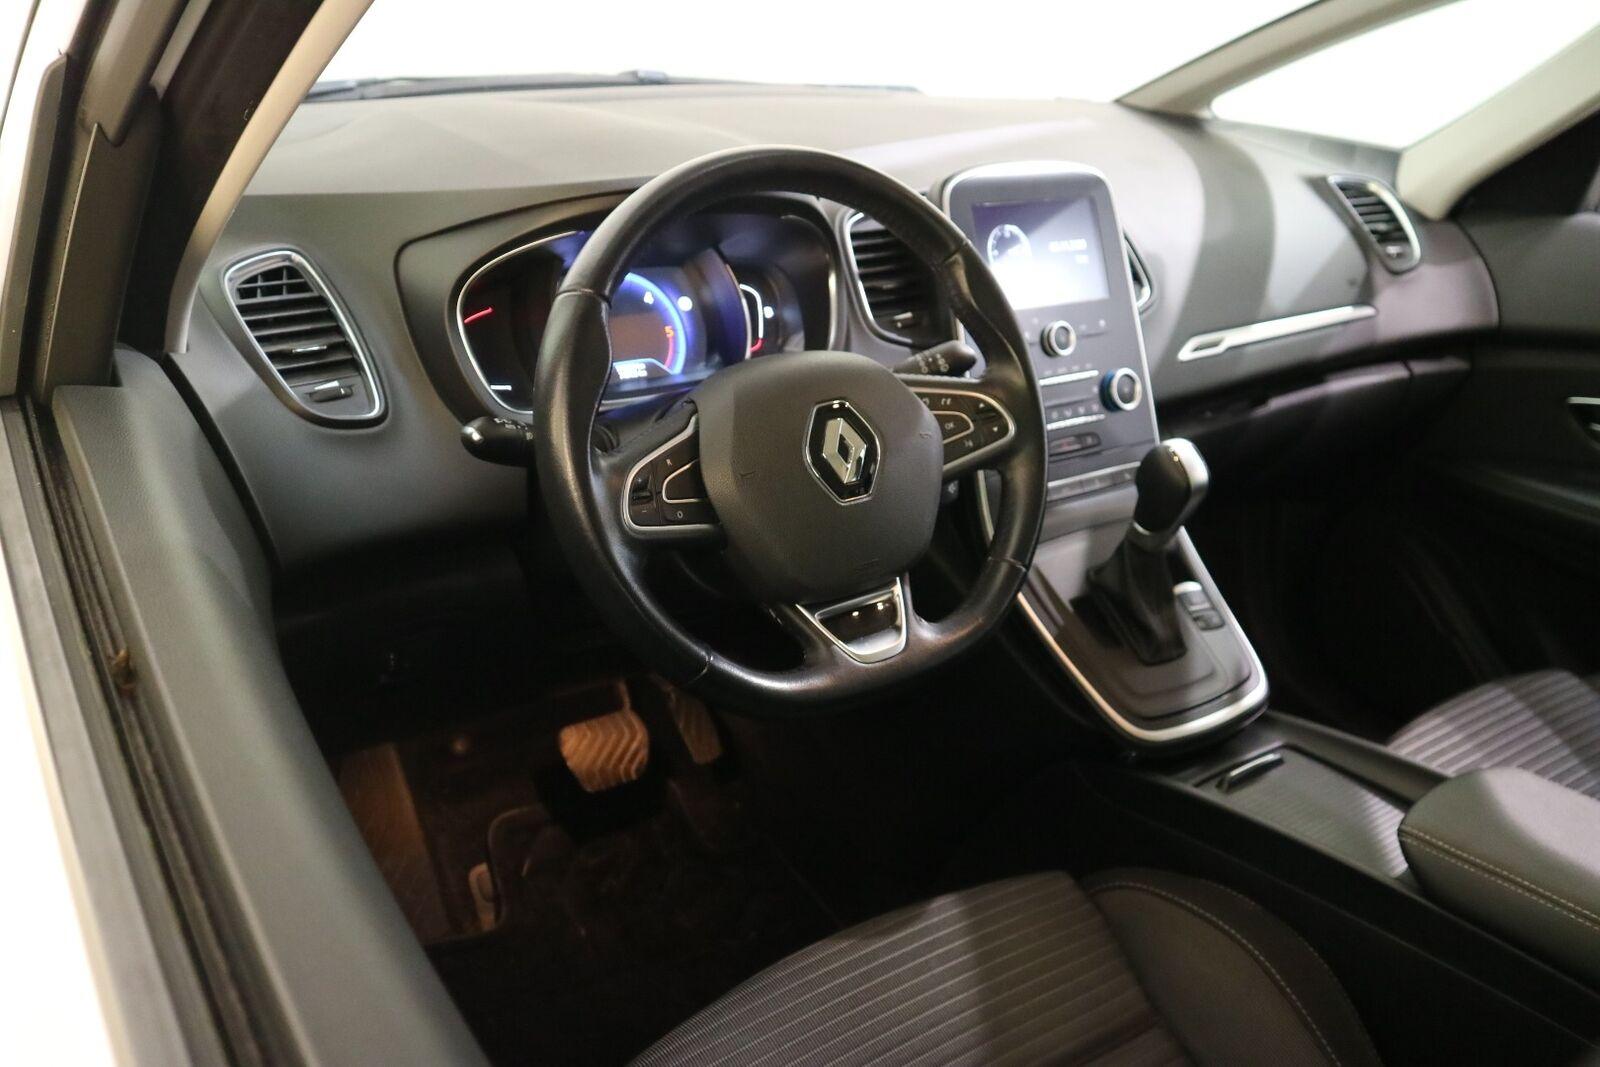 Renault Grand Scenic IV 1,5 dCi 110 Zen EDC 7prs - billede 8